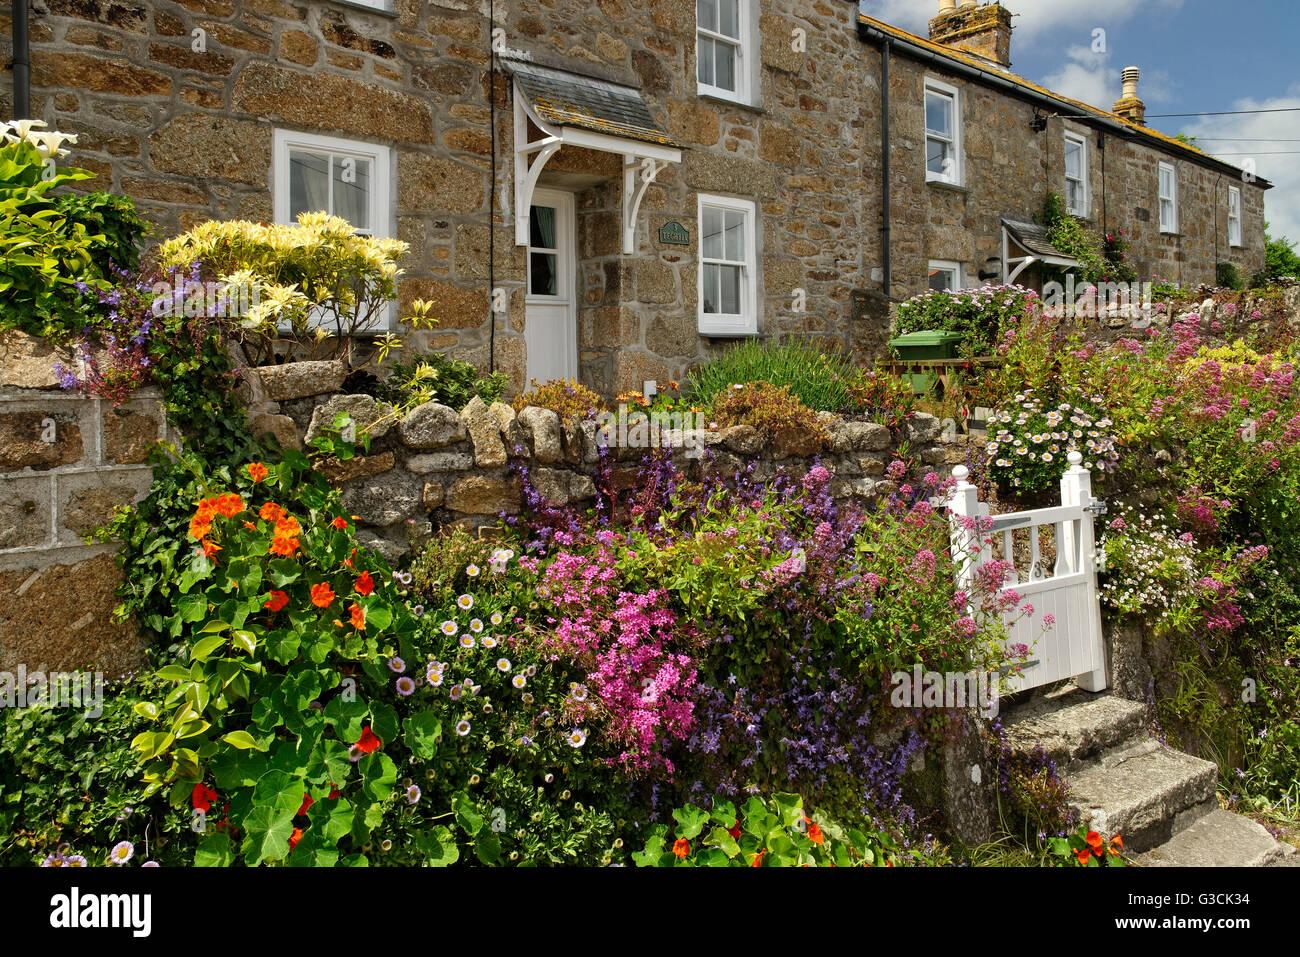 English Front Garden Stock Photos & English Front Garden Stock ...